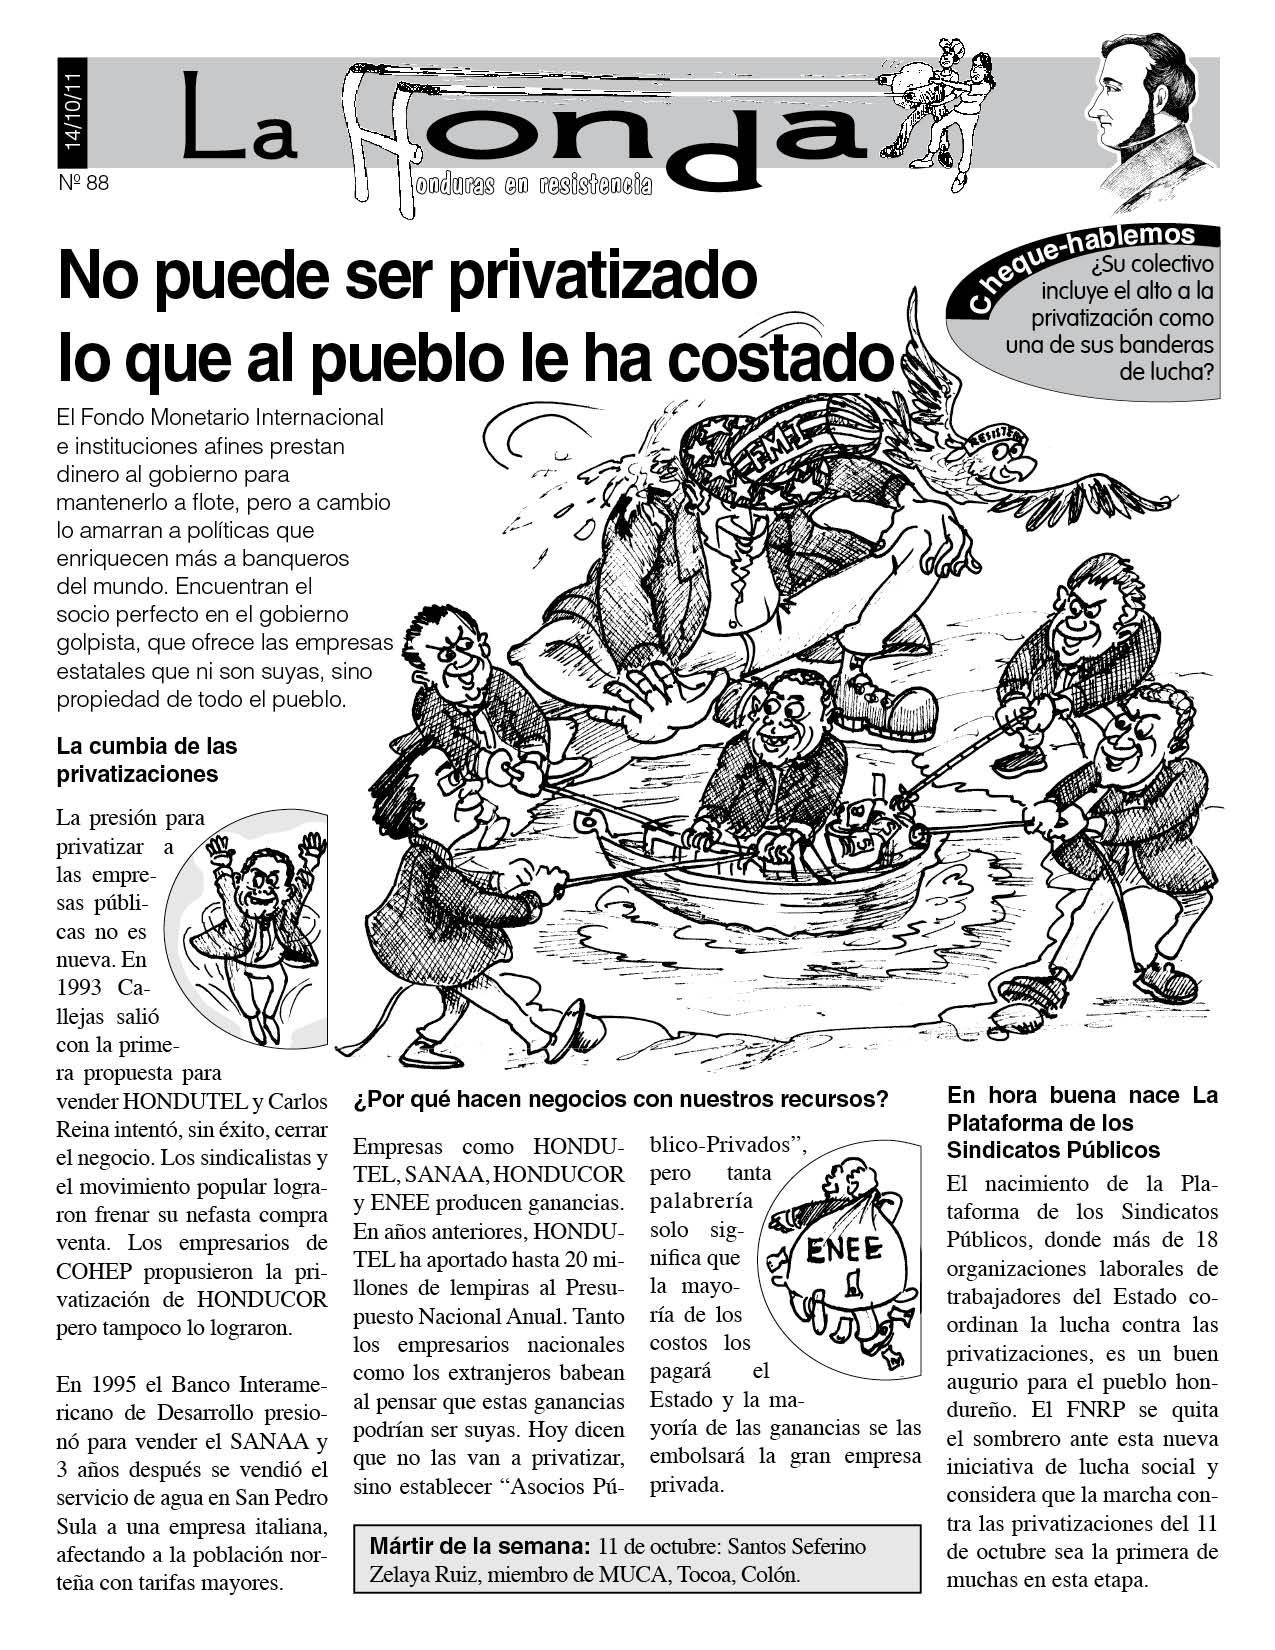 La Honda 88: No puede ser privatizado lo que al pueblo le ha costado